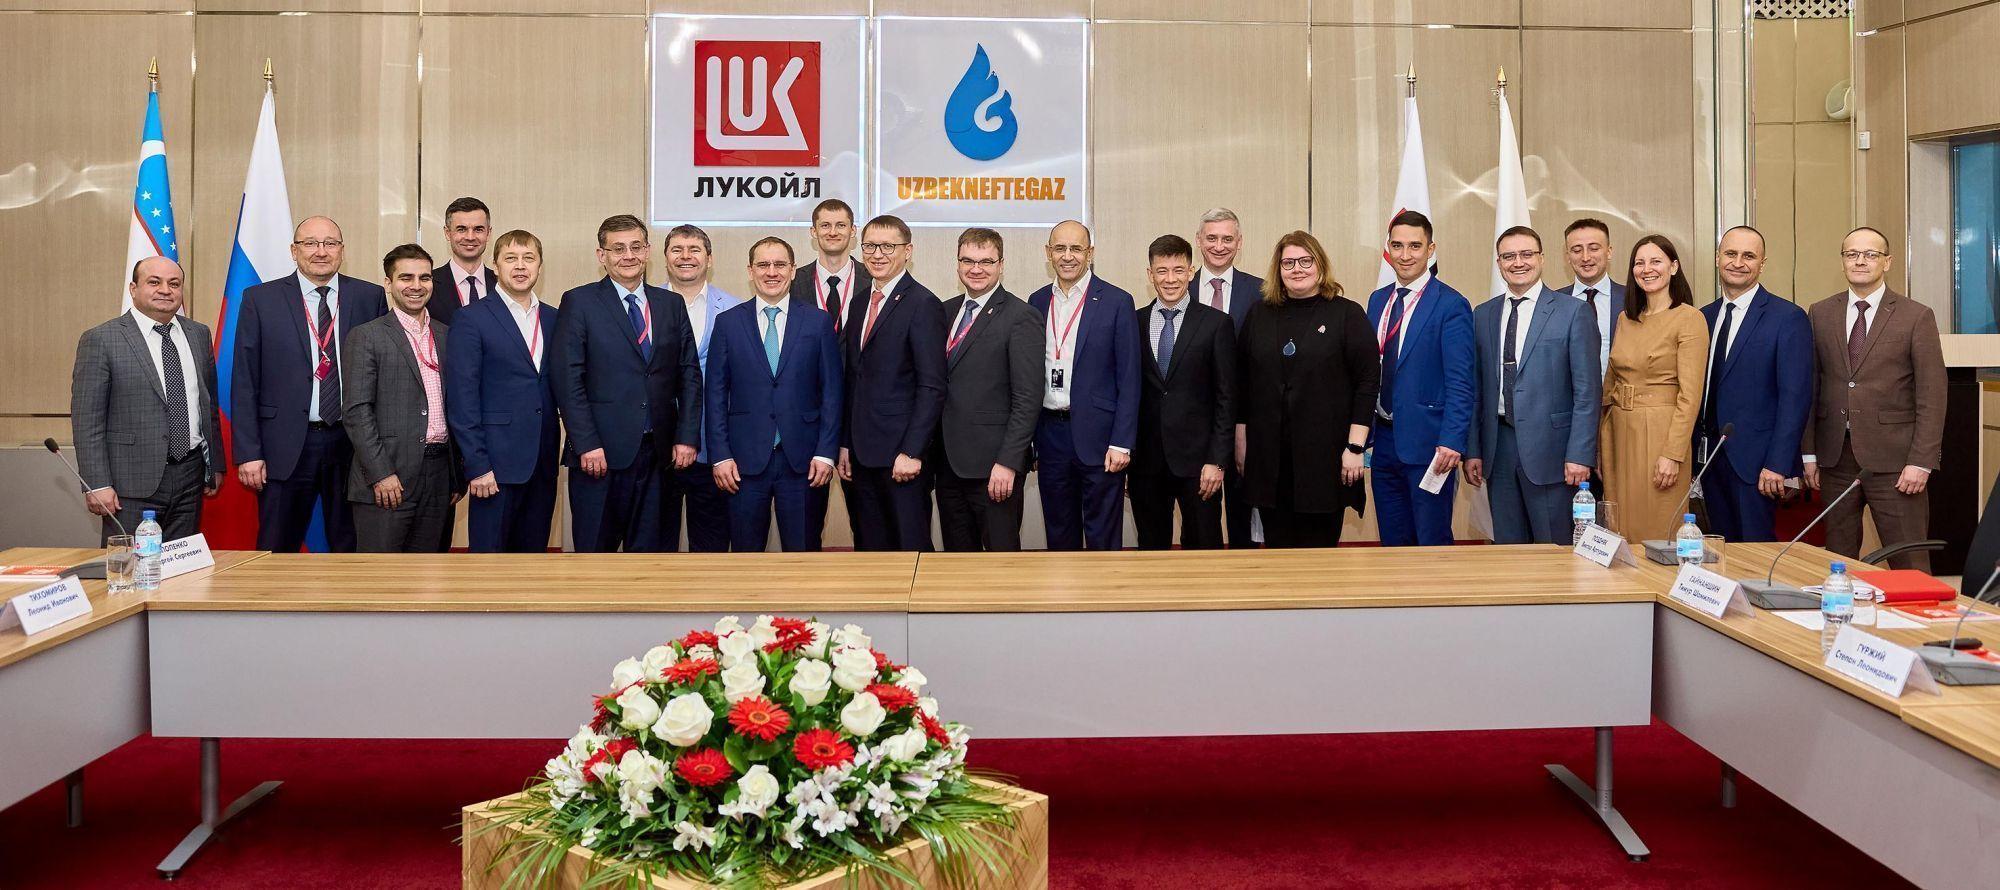 Технология «ColibriESP» от Новомета – одна из ключевых тем на встрече с нефтяниками Узбекистана